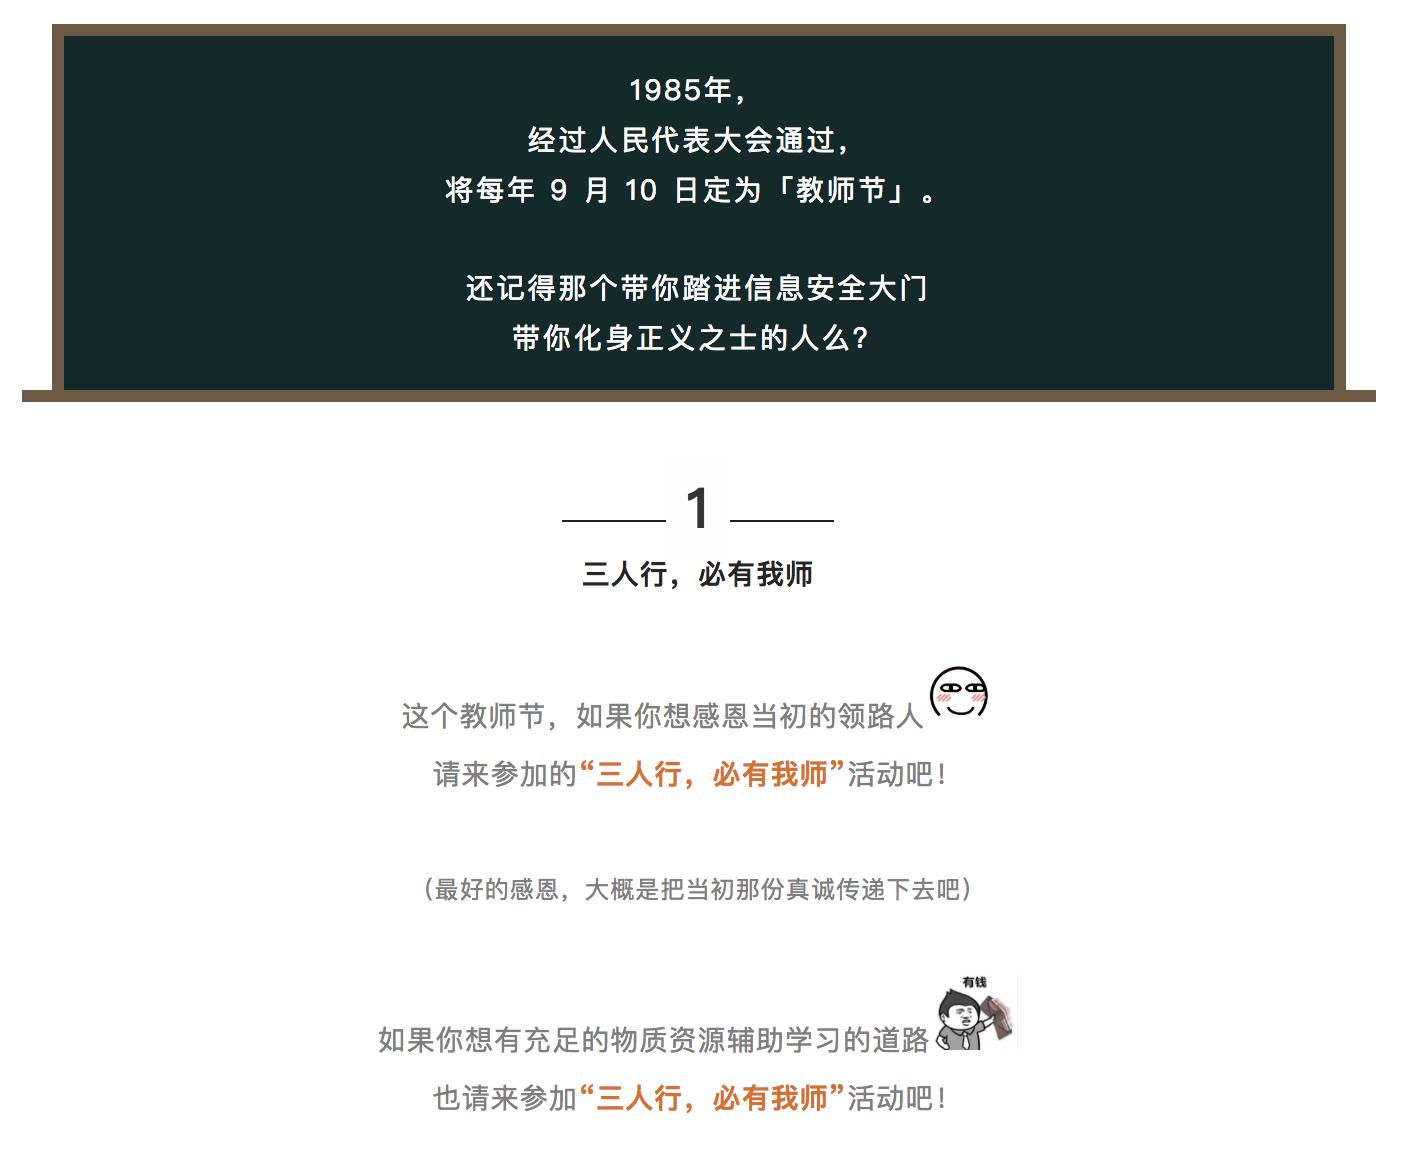 https://momo-mmsrc.oss-cn-hangzhou.aliyuncs.com/img-5aab5ee8-97f7-3474-9d11-88d2cf1fd619.png